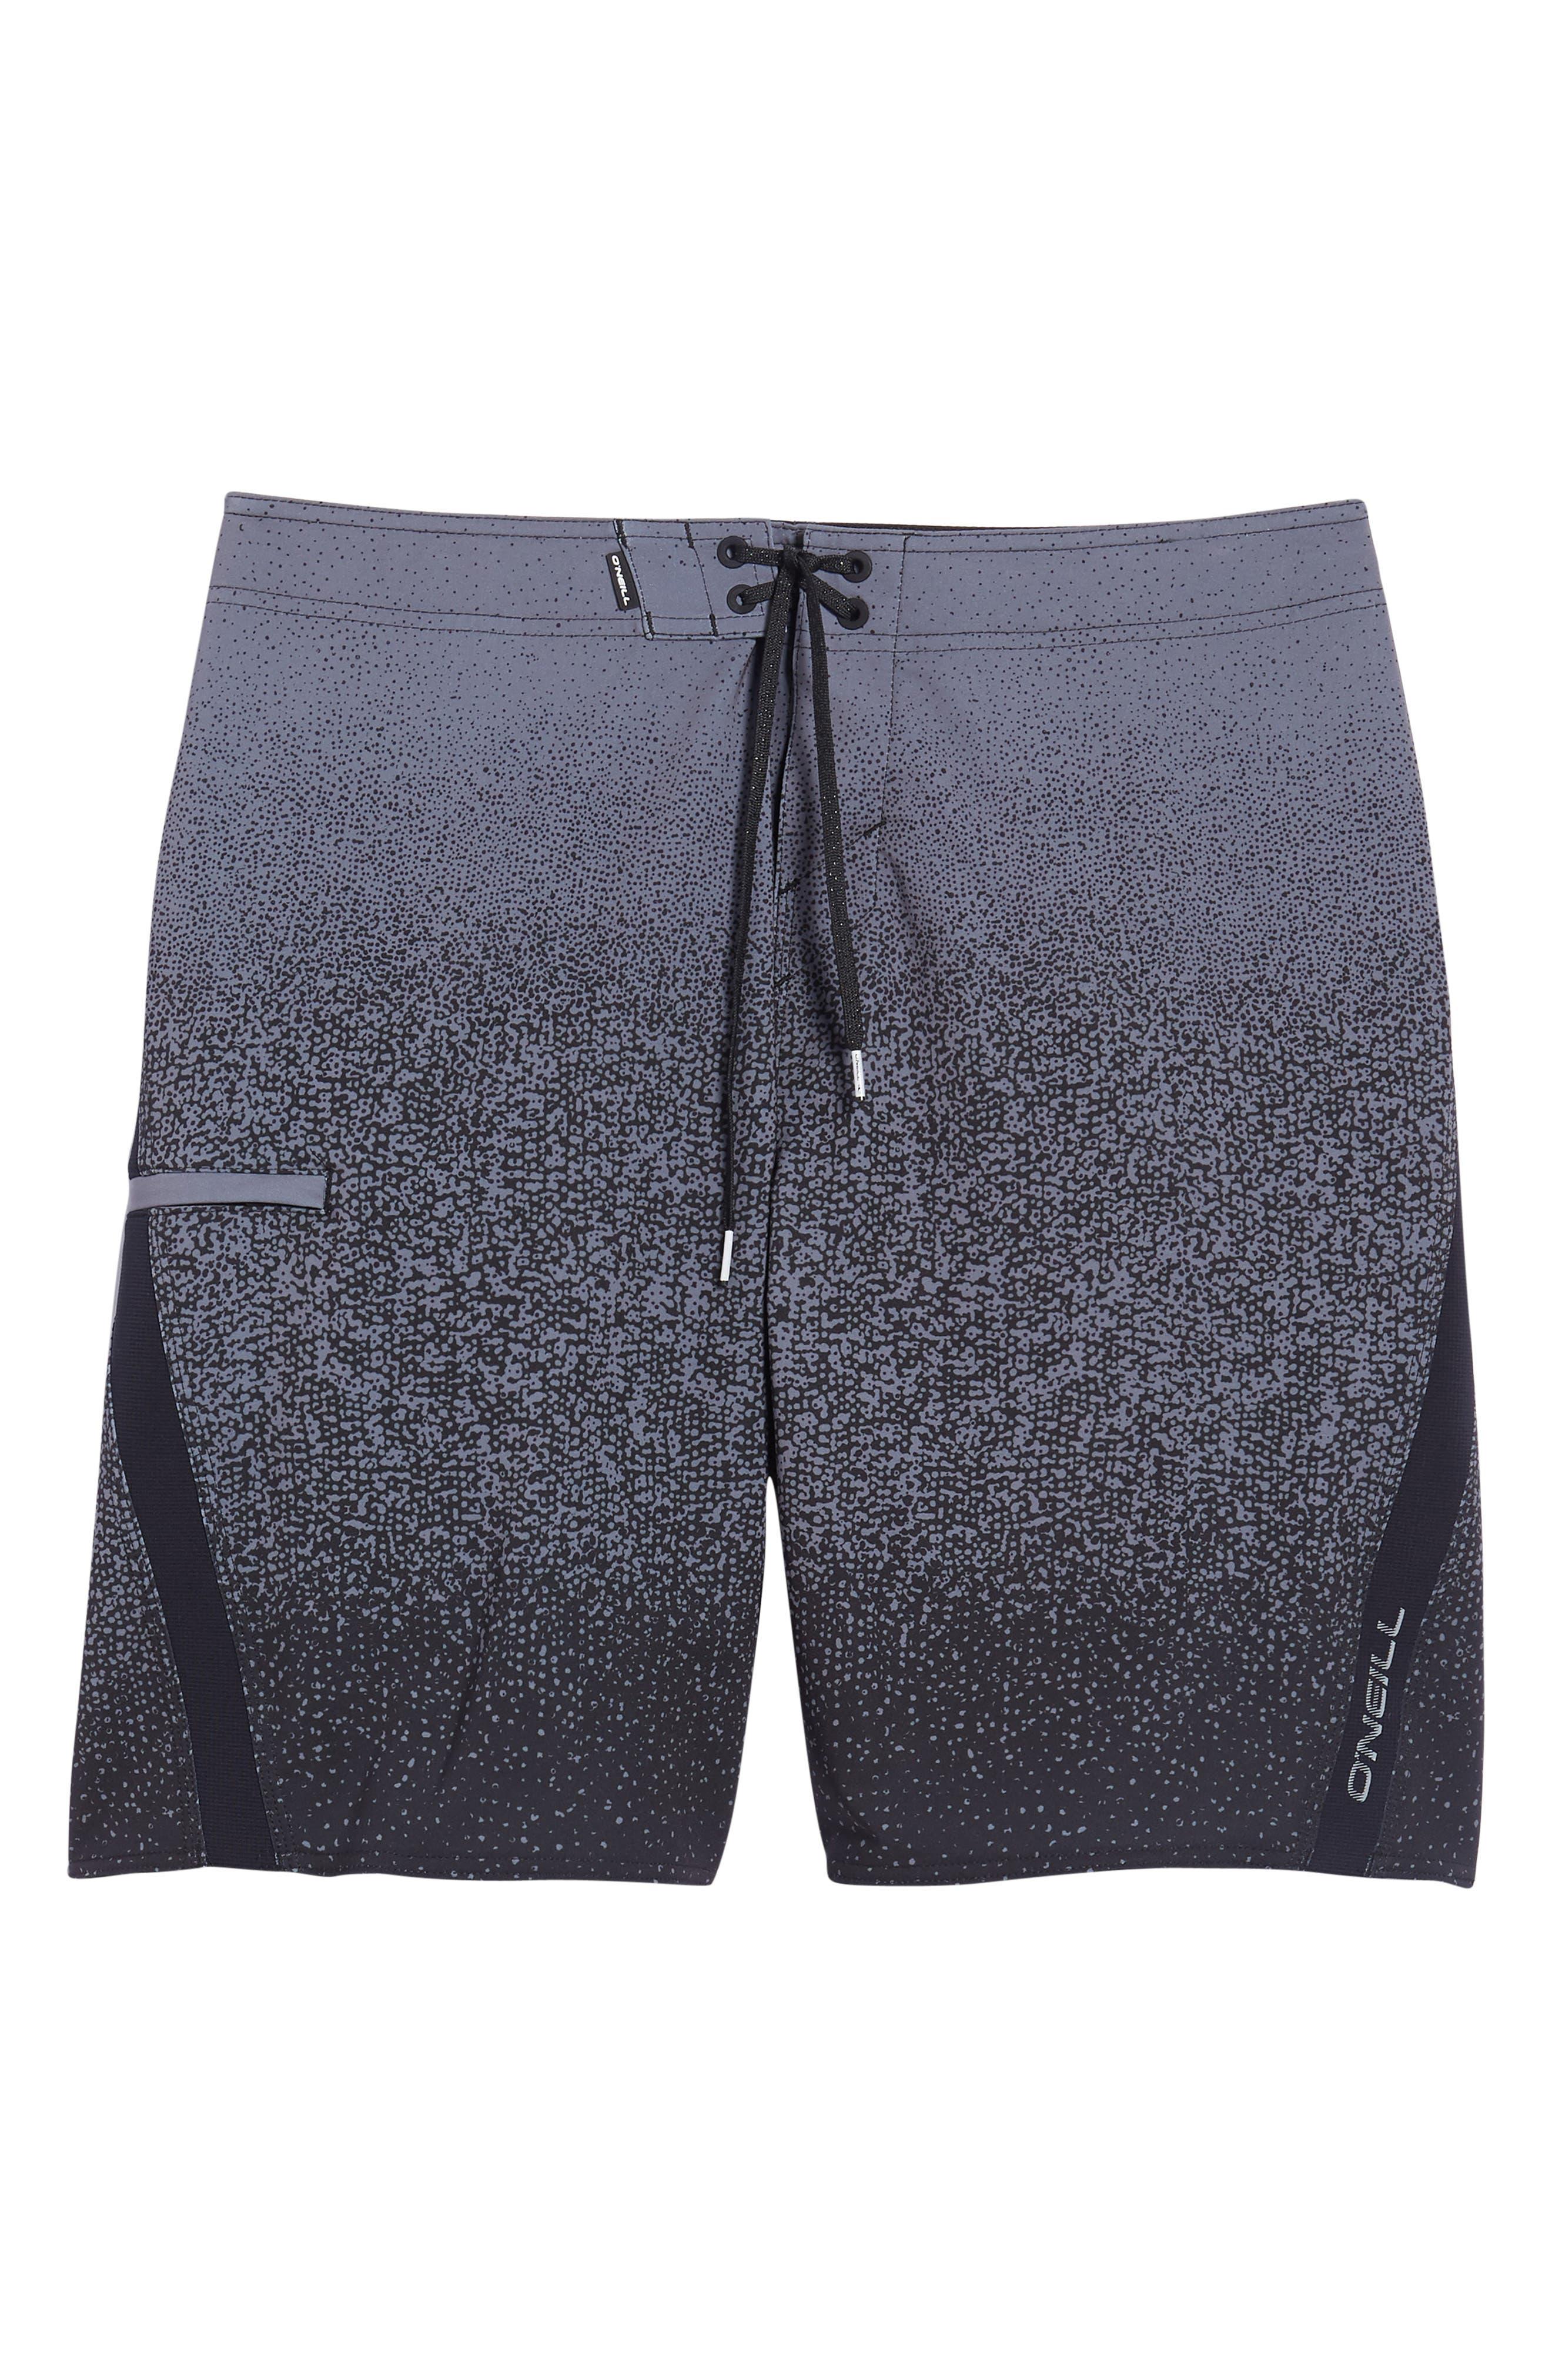 Superfreak Doppler Board Shorts,                             Alternate thumbnail 11, color,